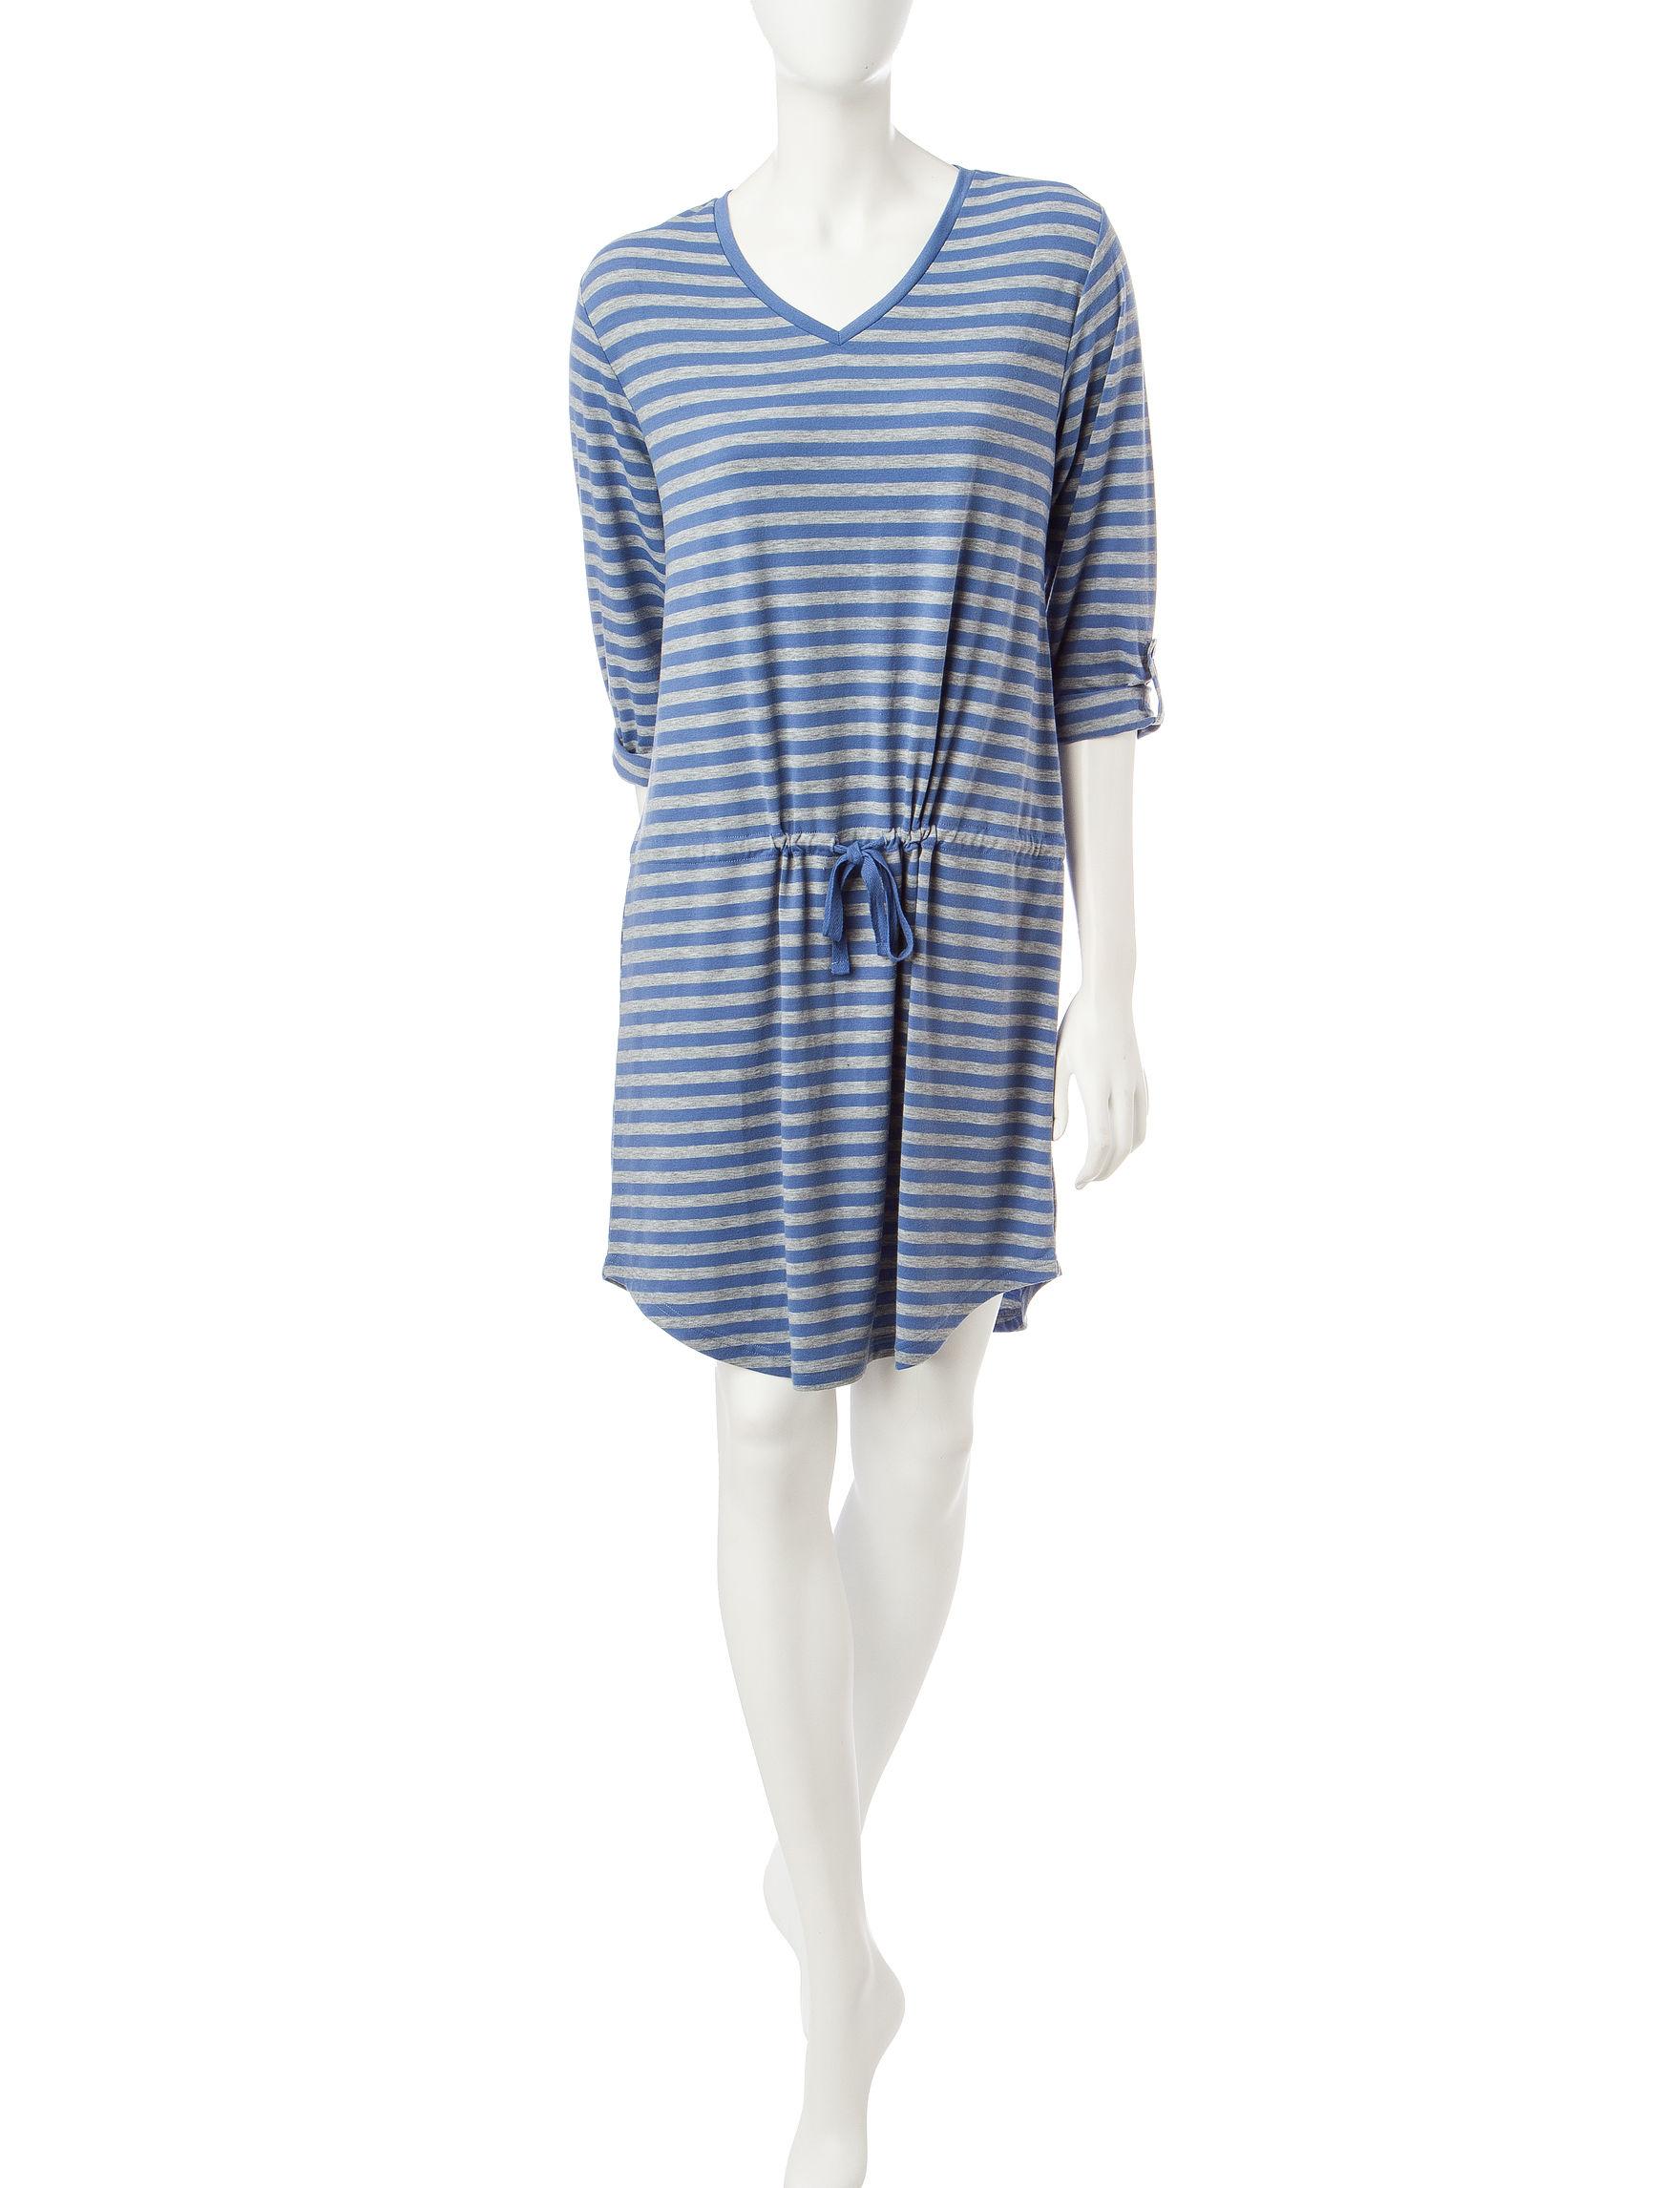 Hanes Indigo Nightgowns & Sleep Shirts